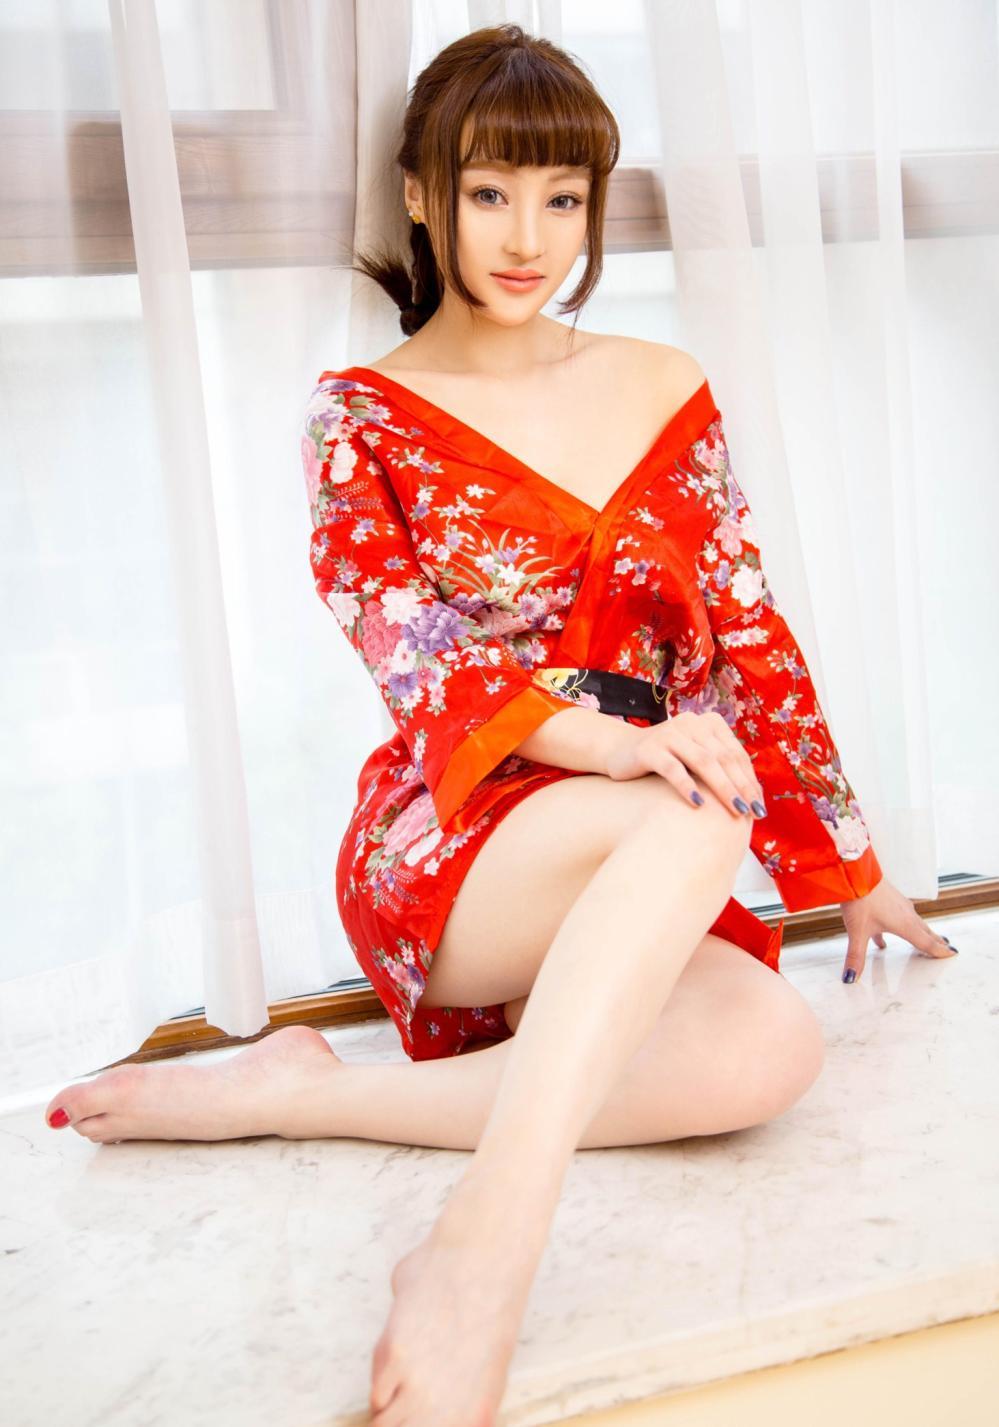 俏美女生, 用一件印花红裙来展示自己的小情调 2